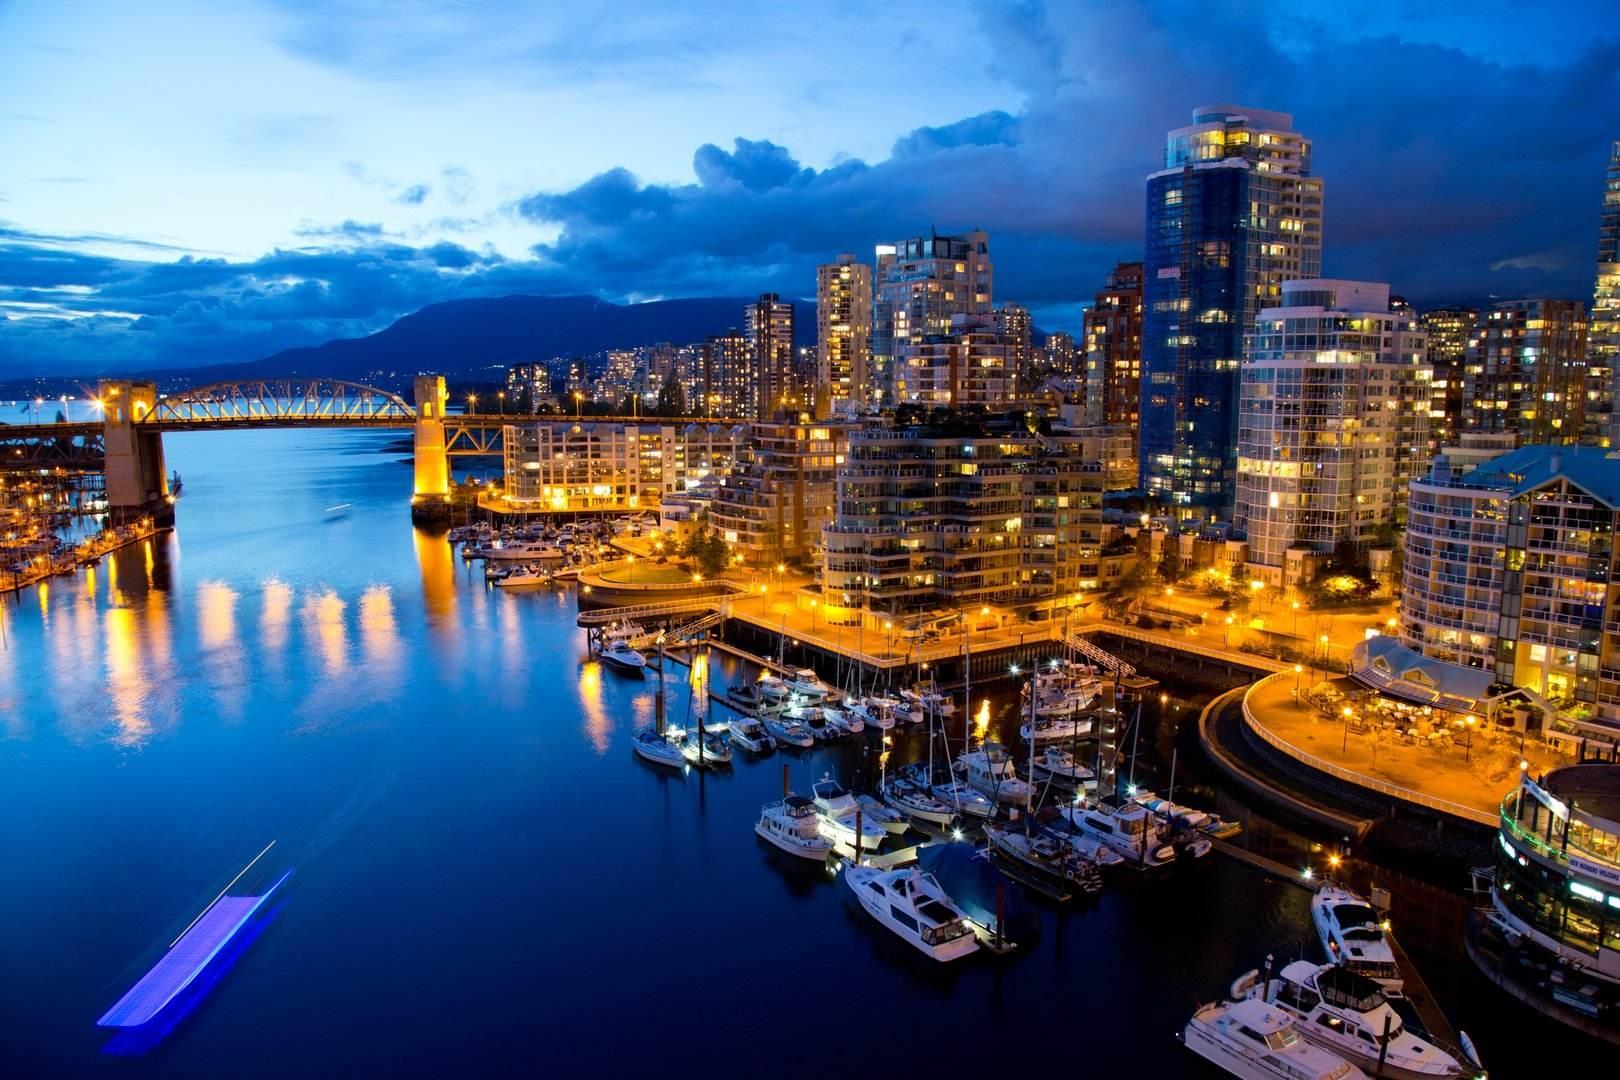 去加拿大留学,这几件事情一定要体验一下!